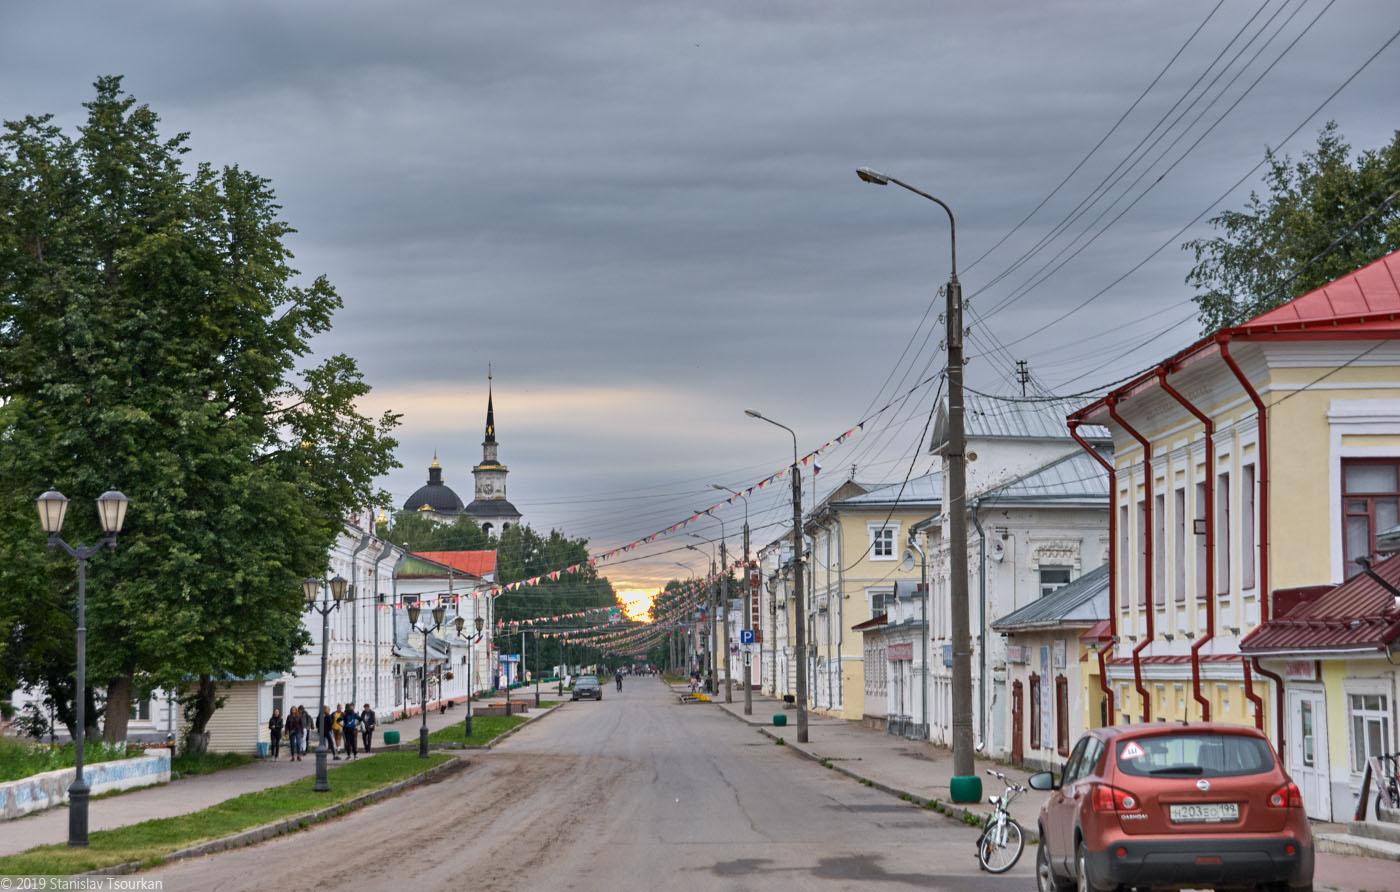 Вологодская область, Вологодчина, Великий устюг, Русский север, Советский проспект